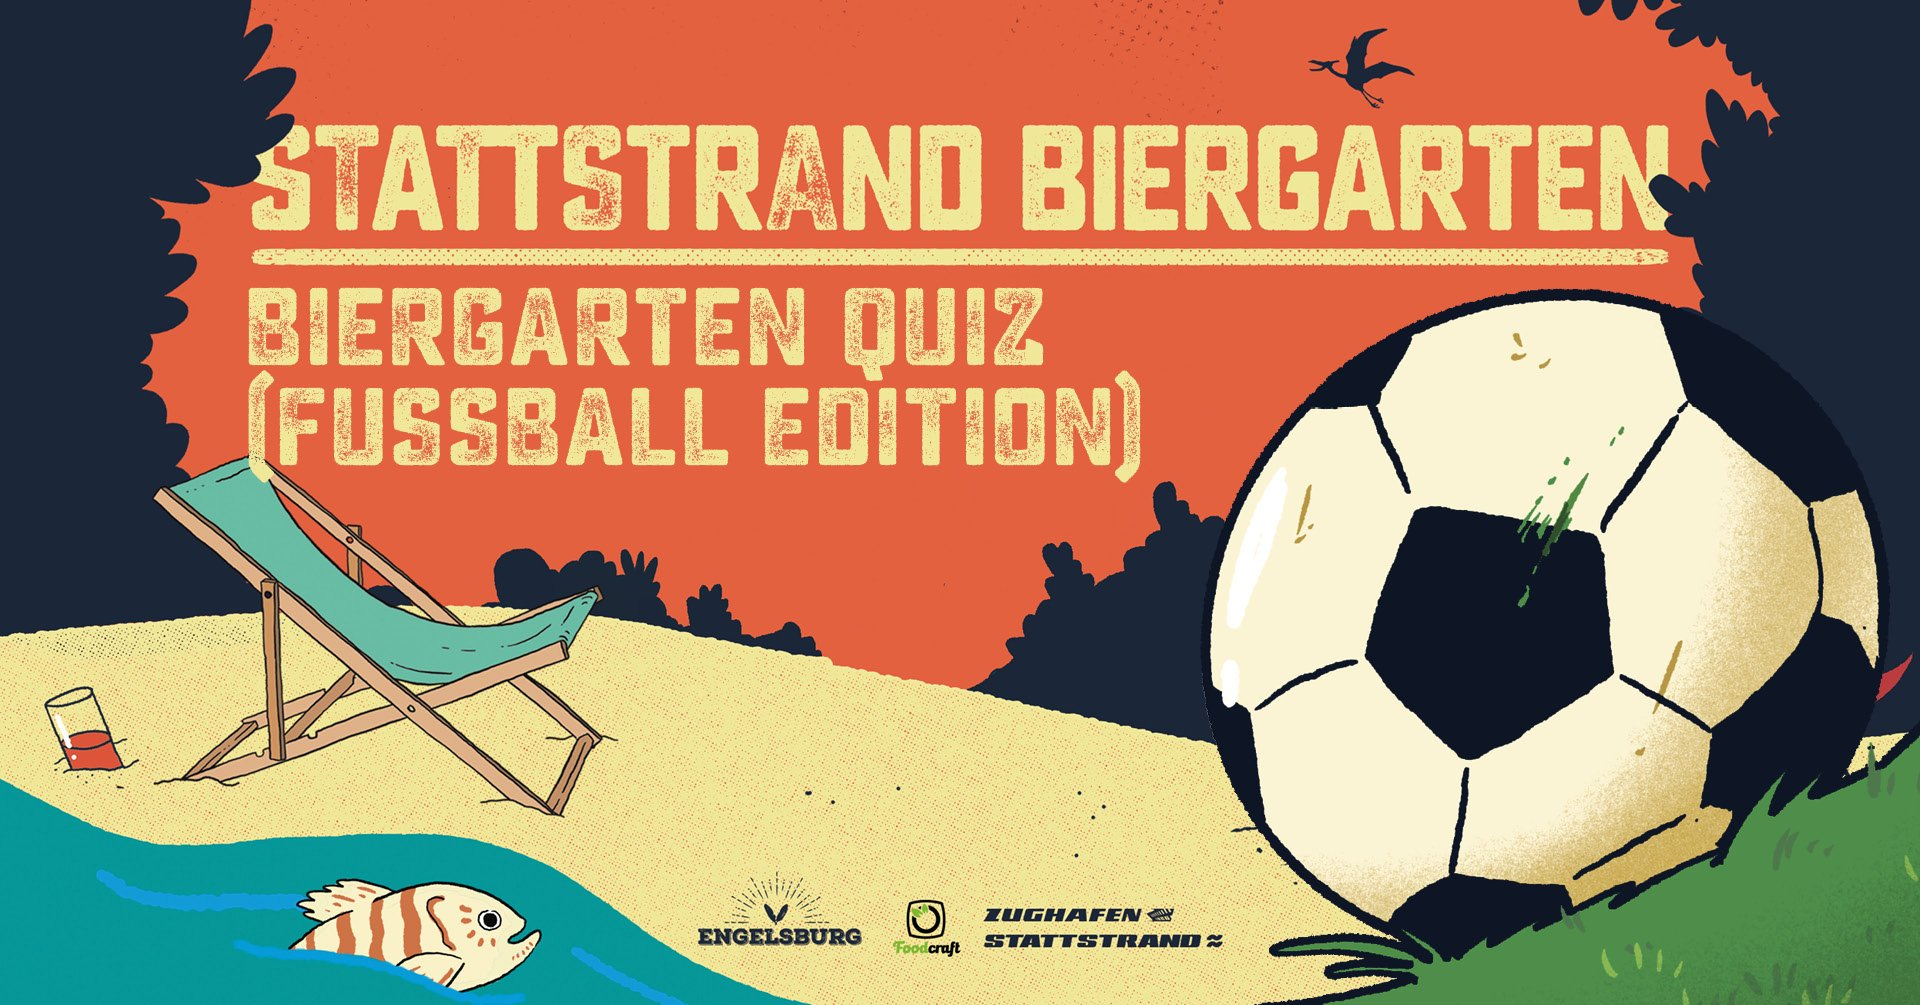 biergartenquit_headerbild